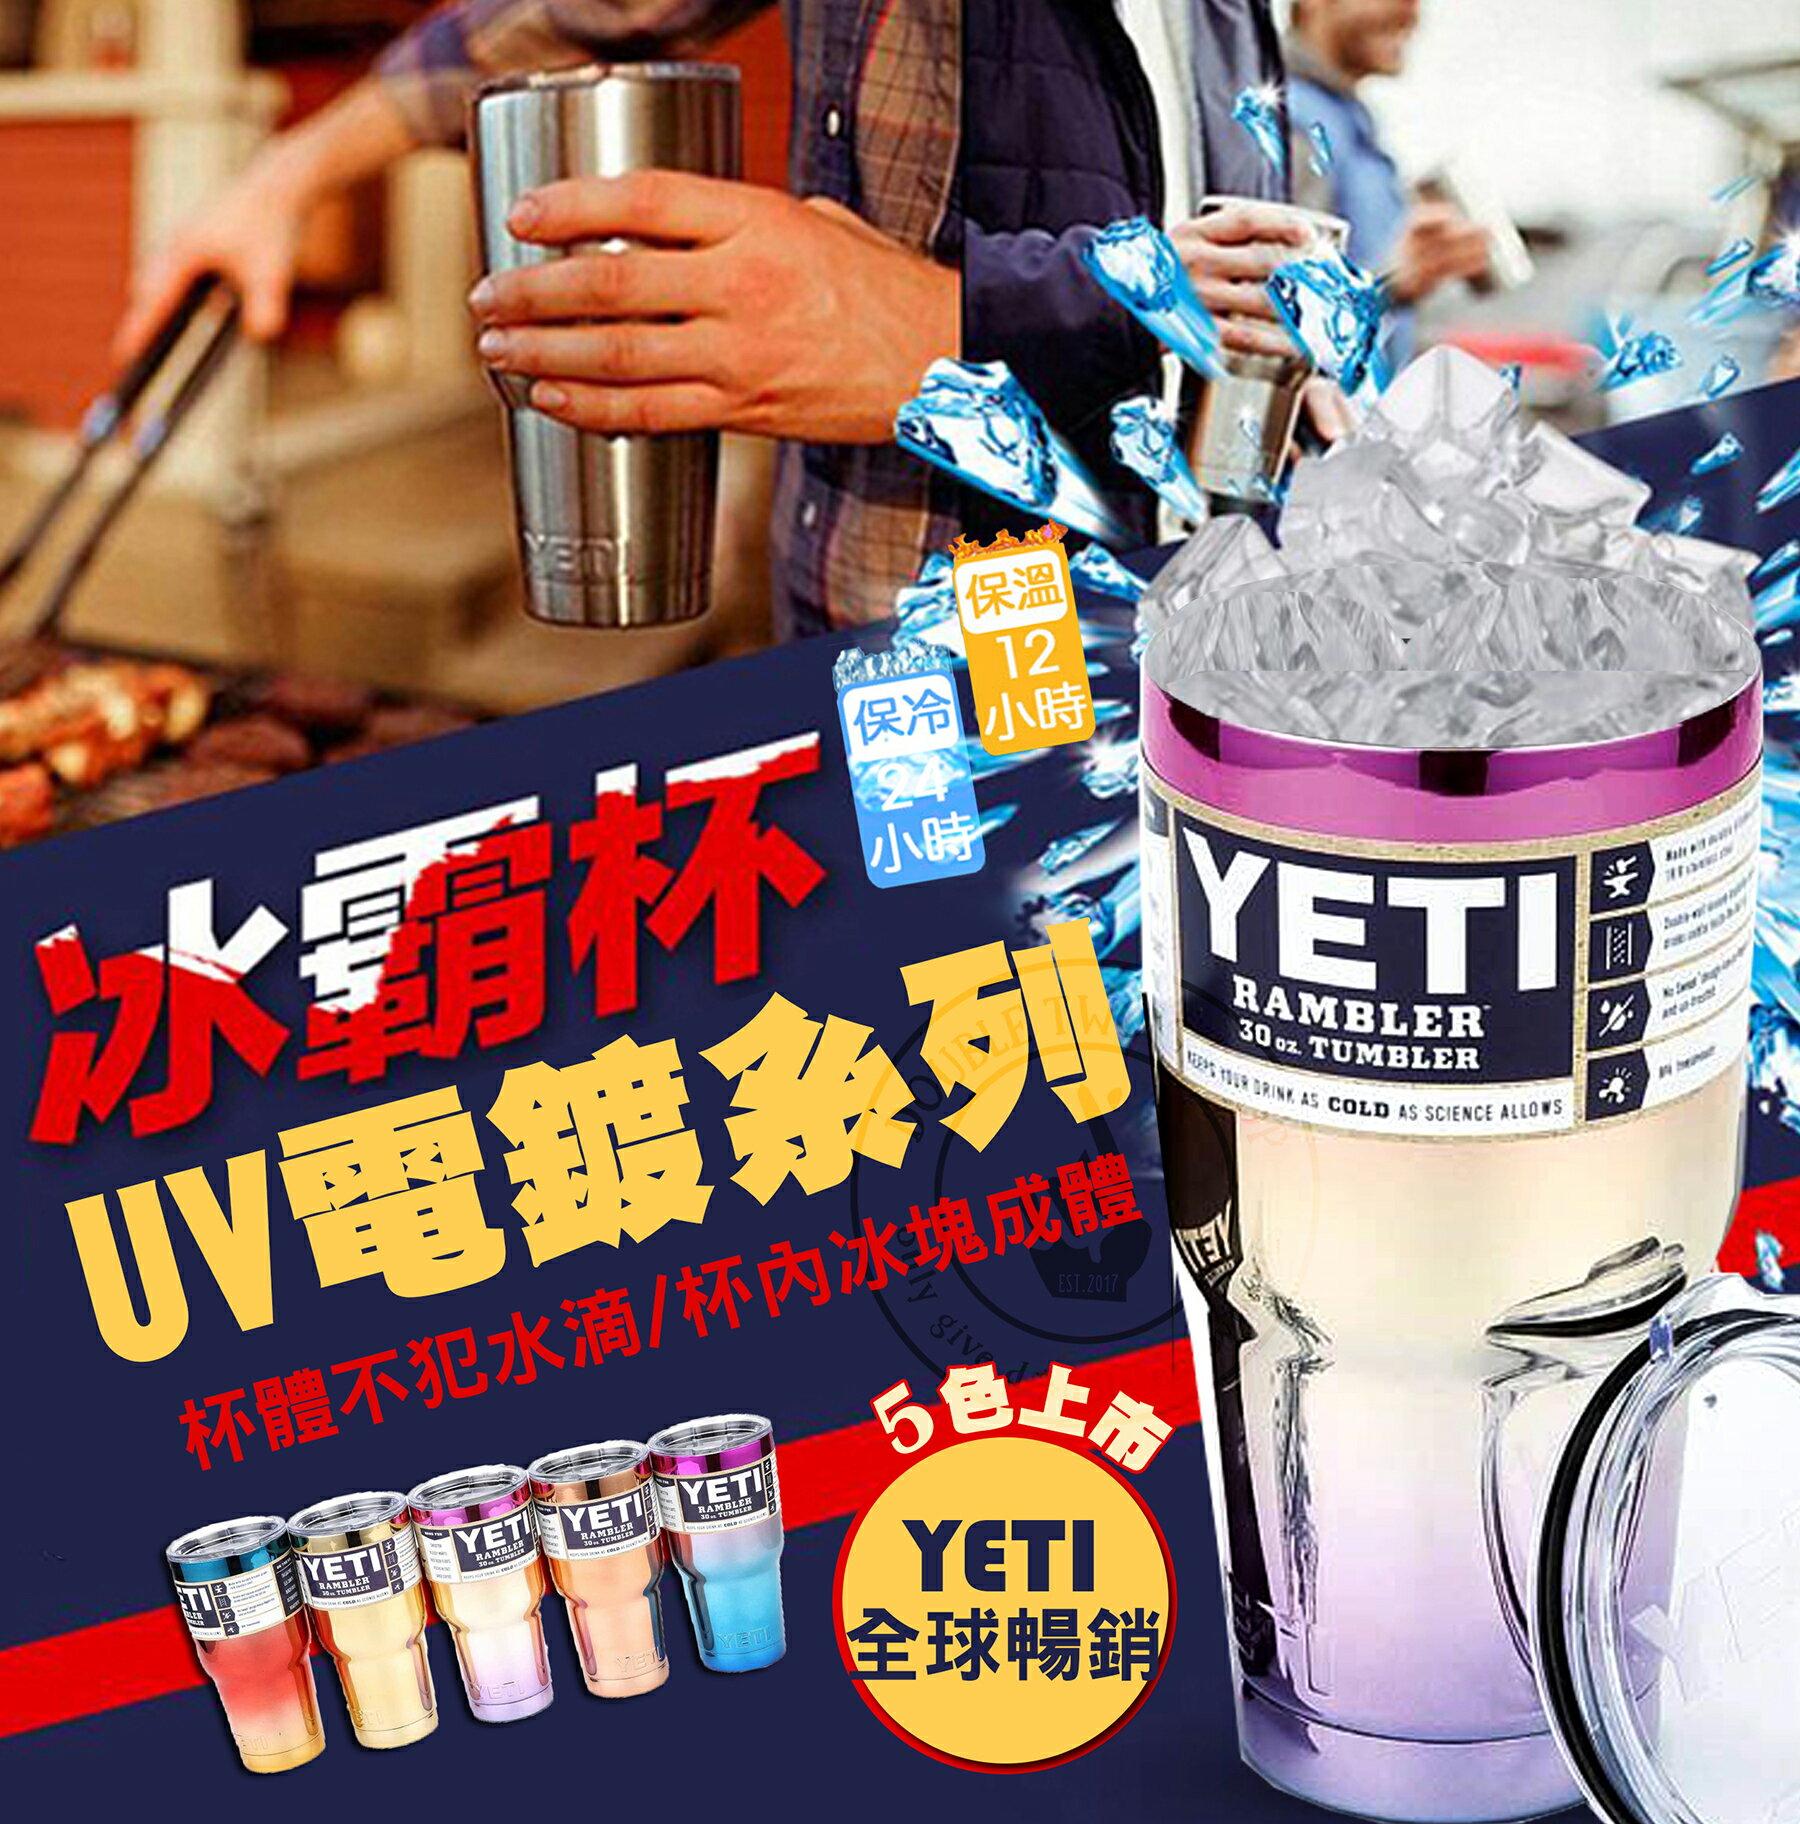 電鍍特別色?YETI冰霸杯30oz900ml304不銹鋼雙層真空長效保冷保溫啤酒杯酷冰杯 RTIC